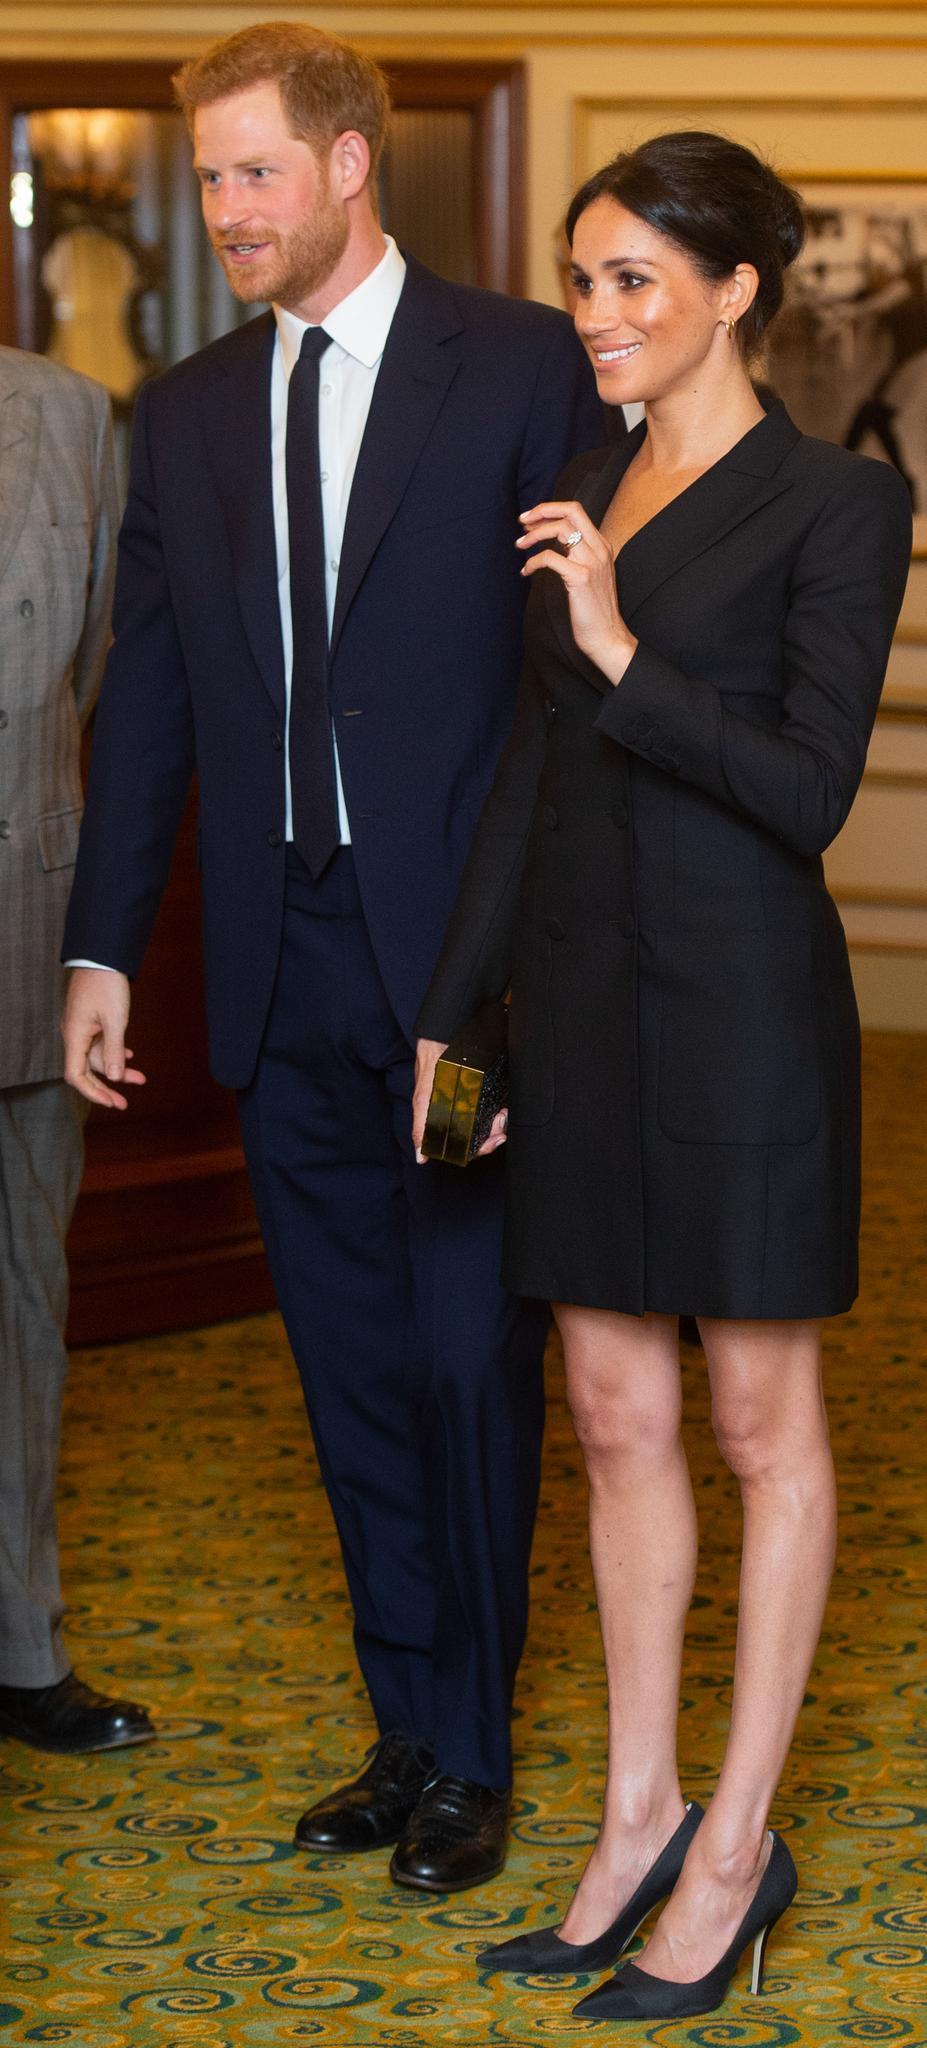 Hohe optische Ansprüche stellt die Hollywooderprobte Schauspielerin Meghan Markle nicht nur an Prinz Harry, sondern auch an sich selbst